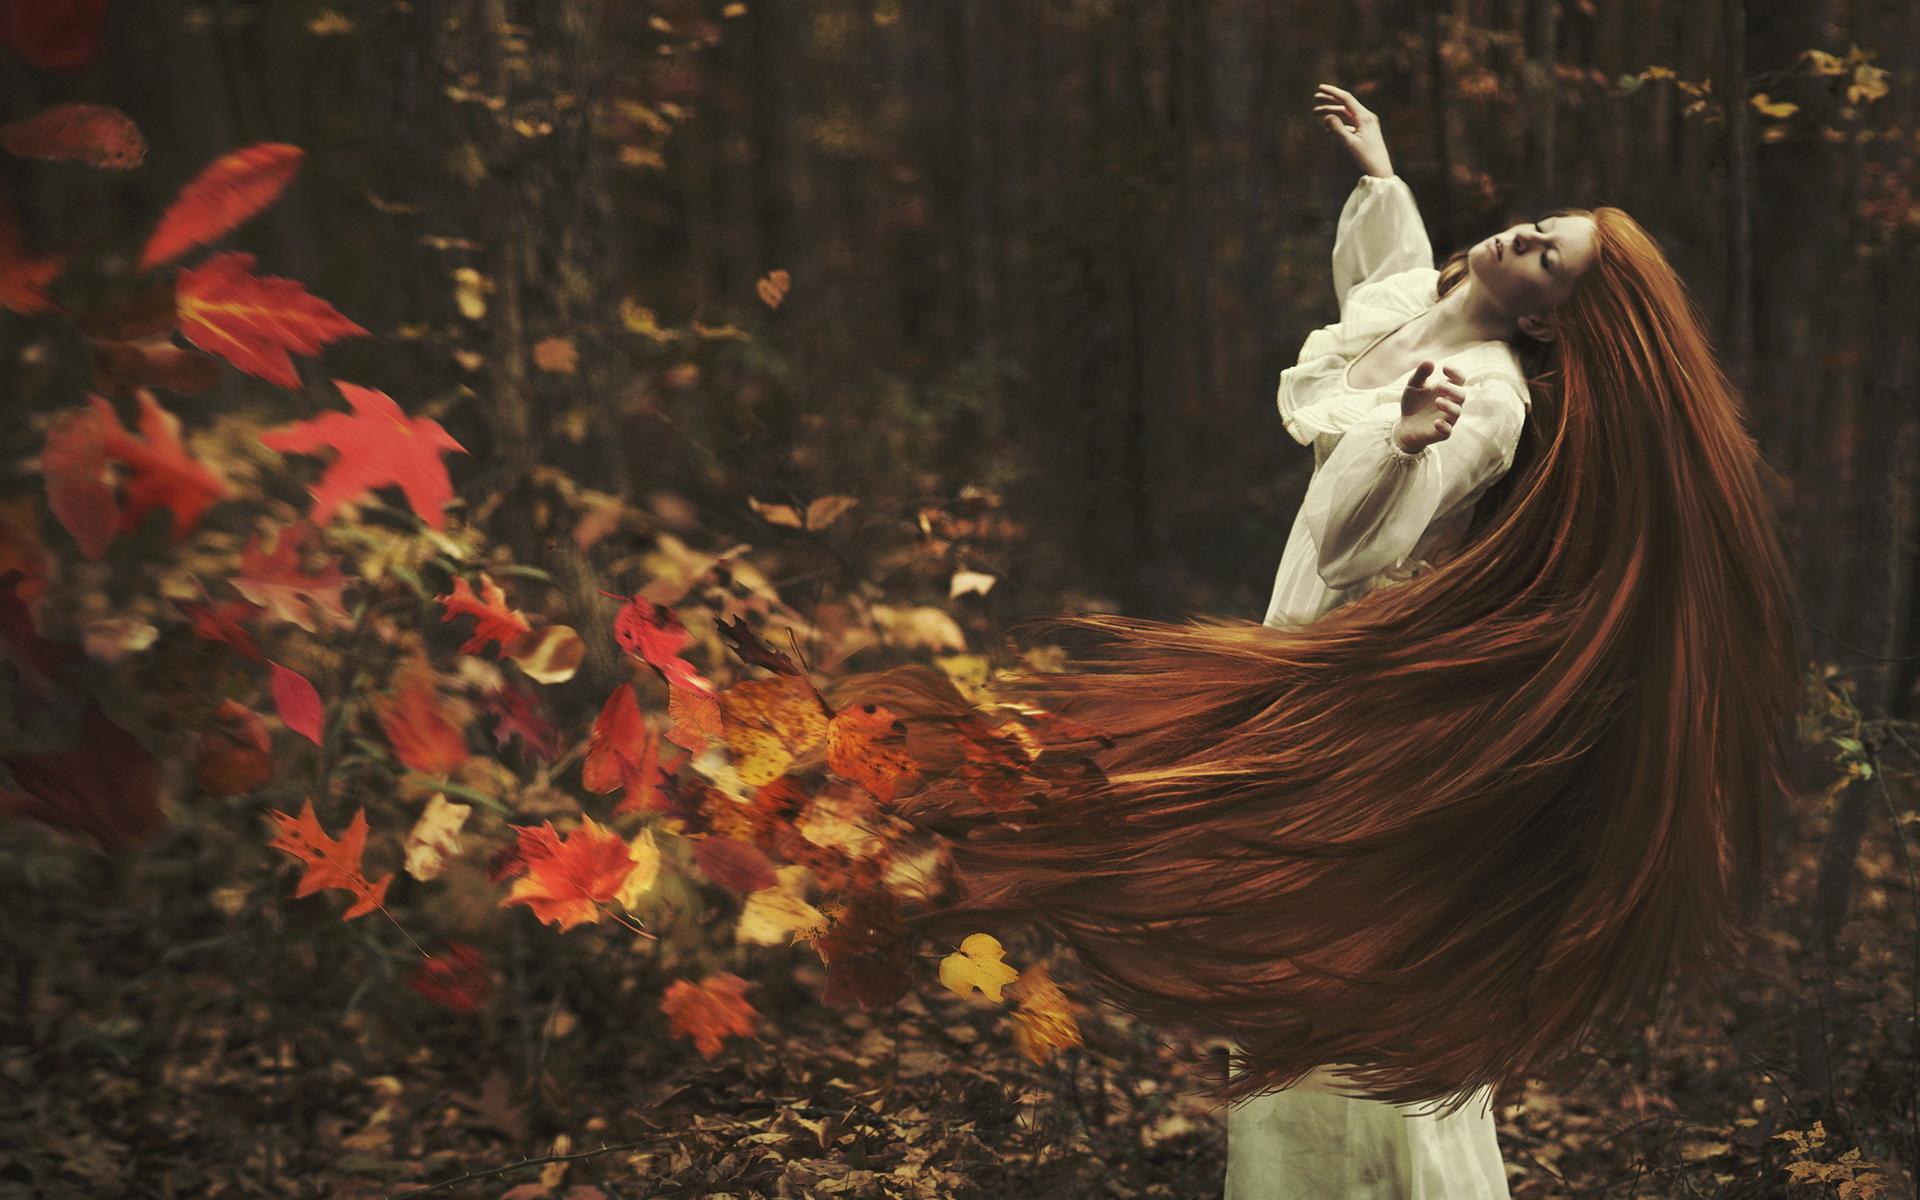 Девушка в лесу на листьях  № 2707750 без смс